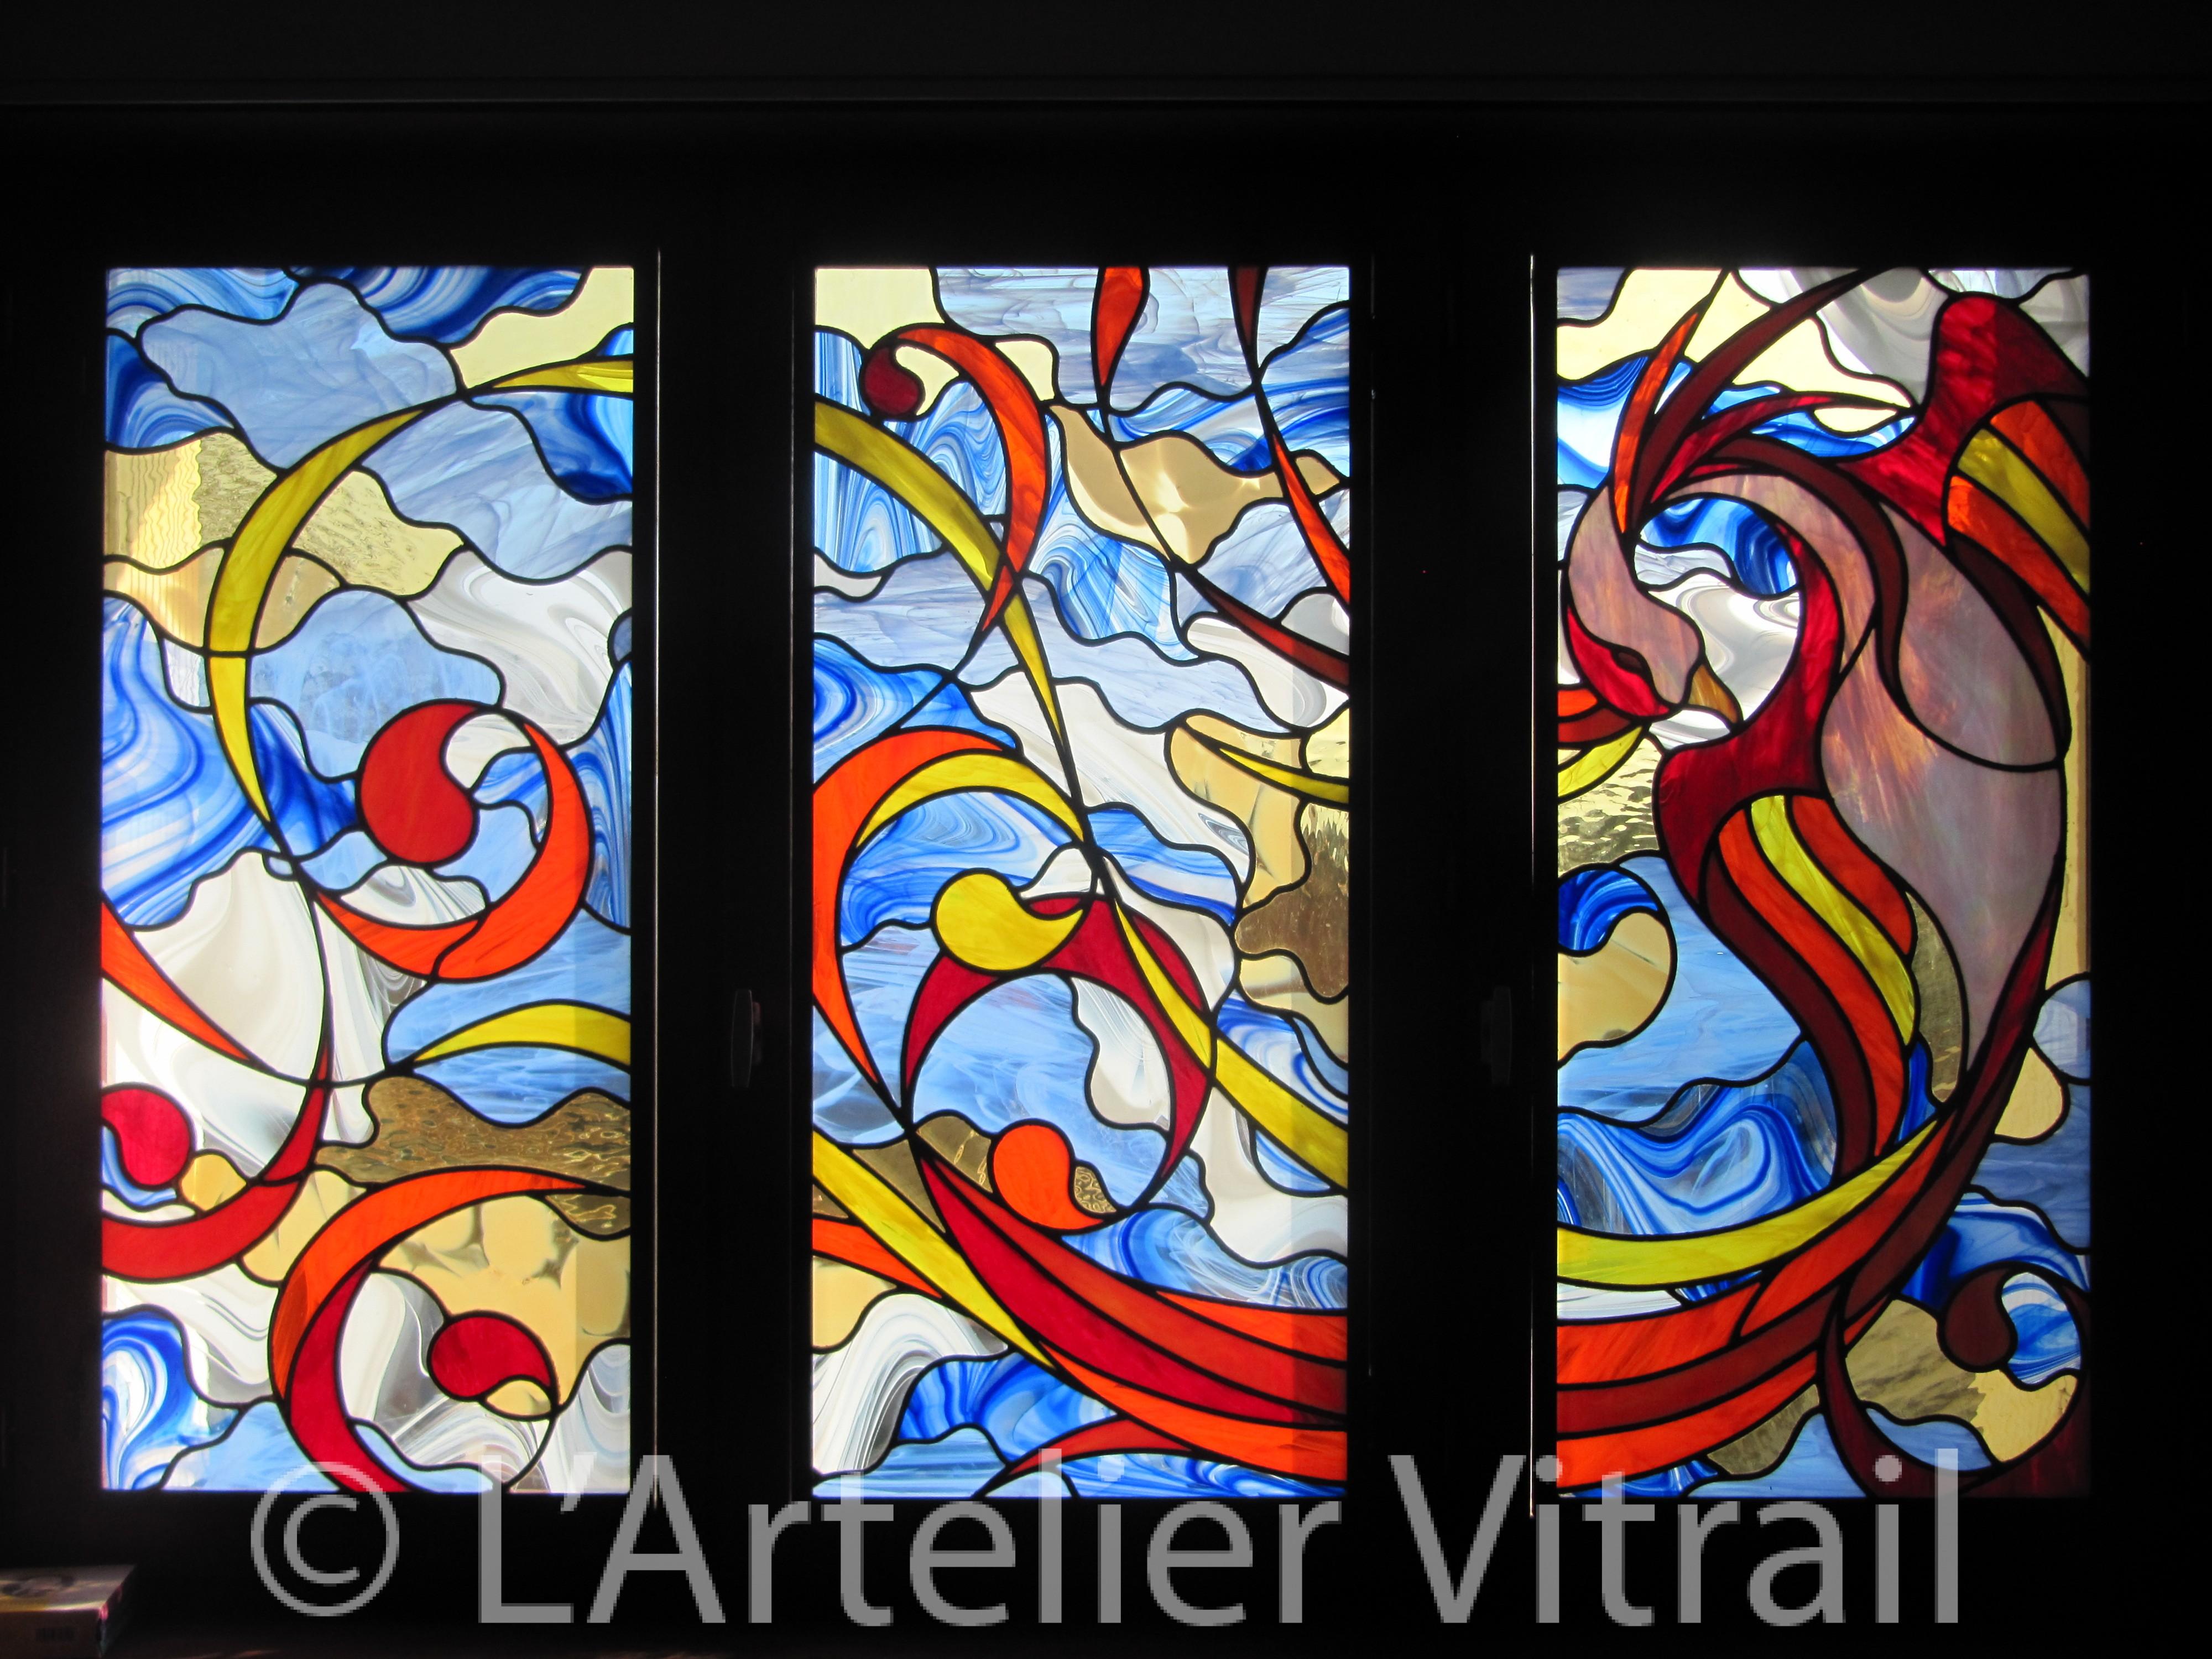 Grande applique murale awesome tr¨s grande applique murale vitrail